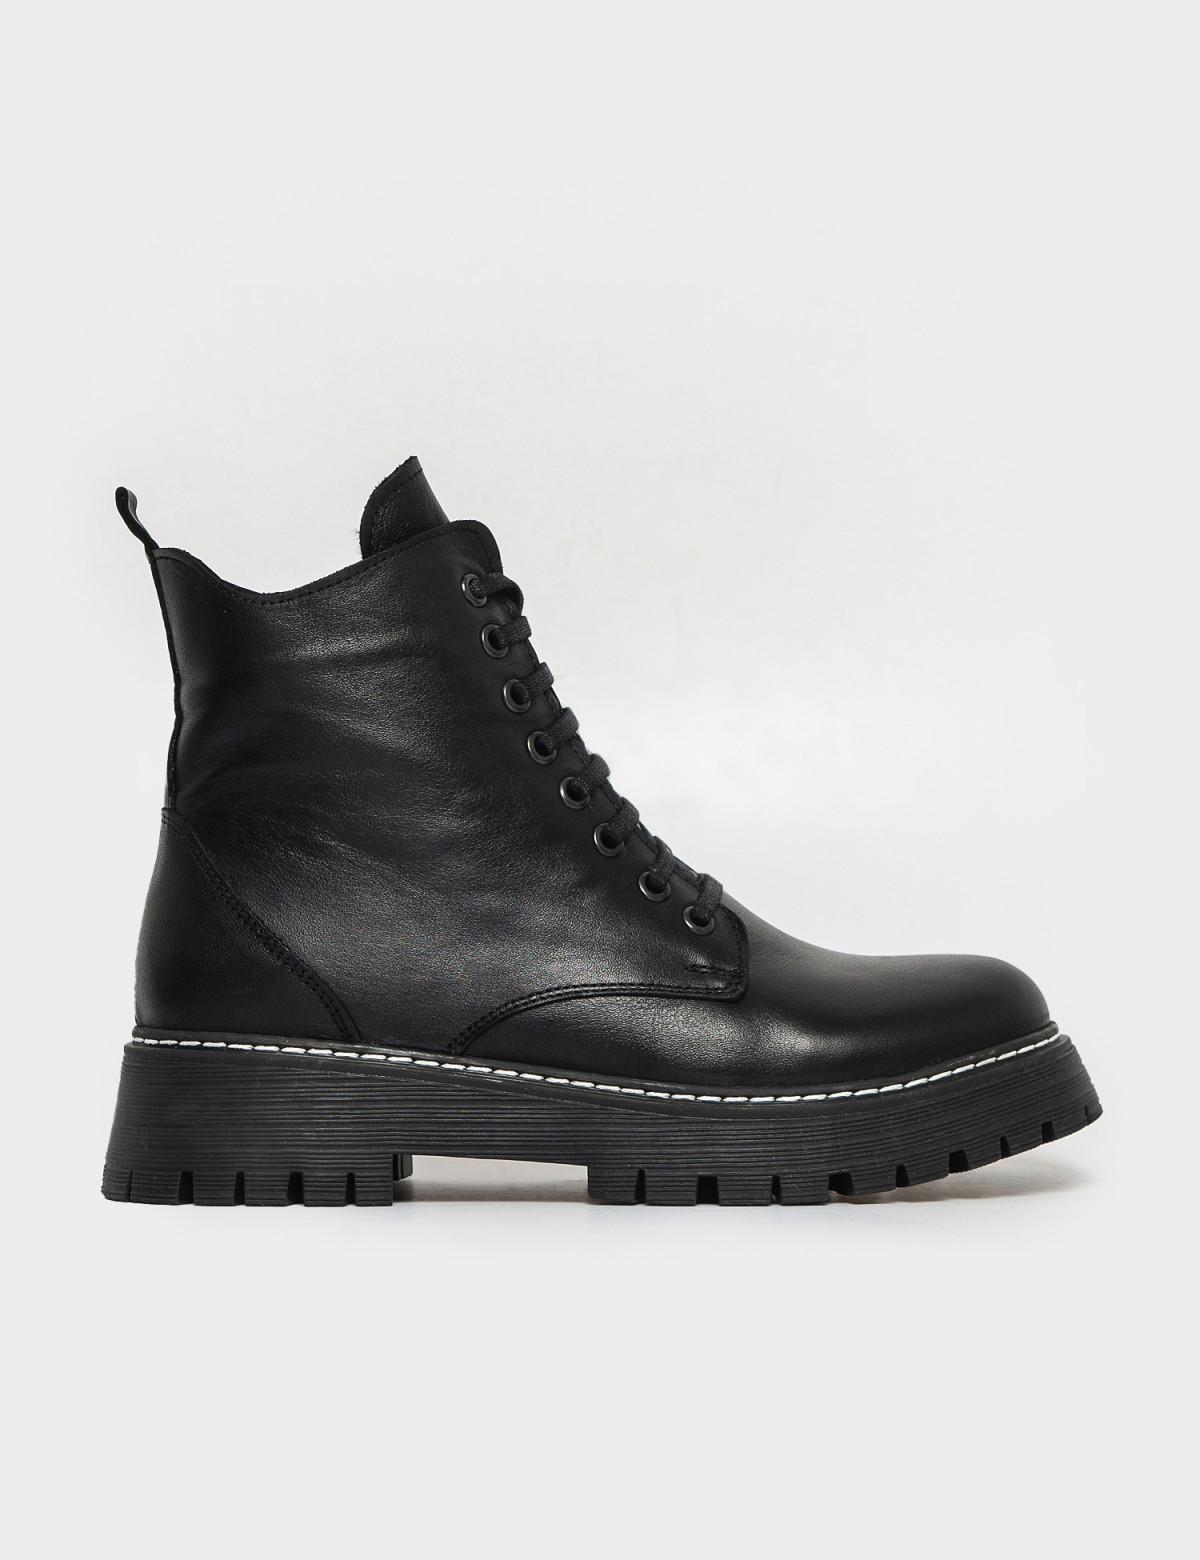 Ботинки черные. Натуральная кожа. Мех